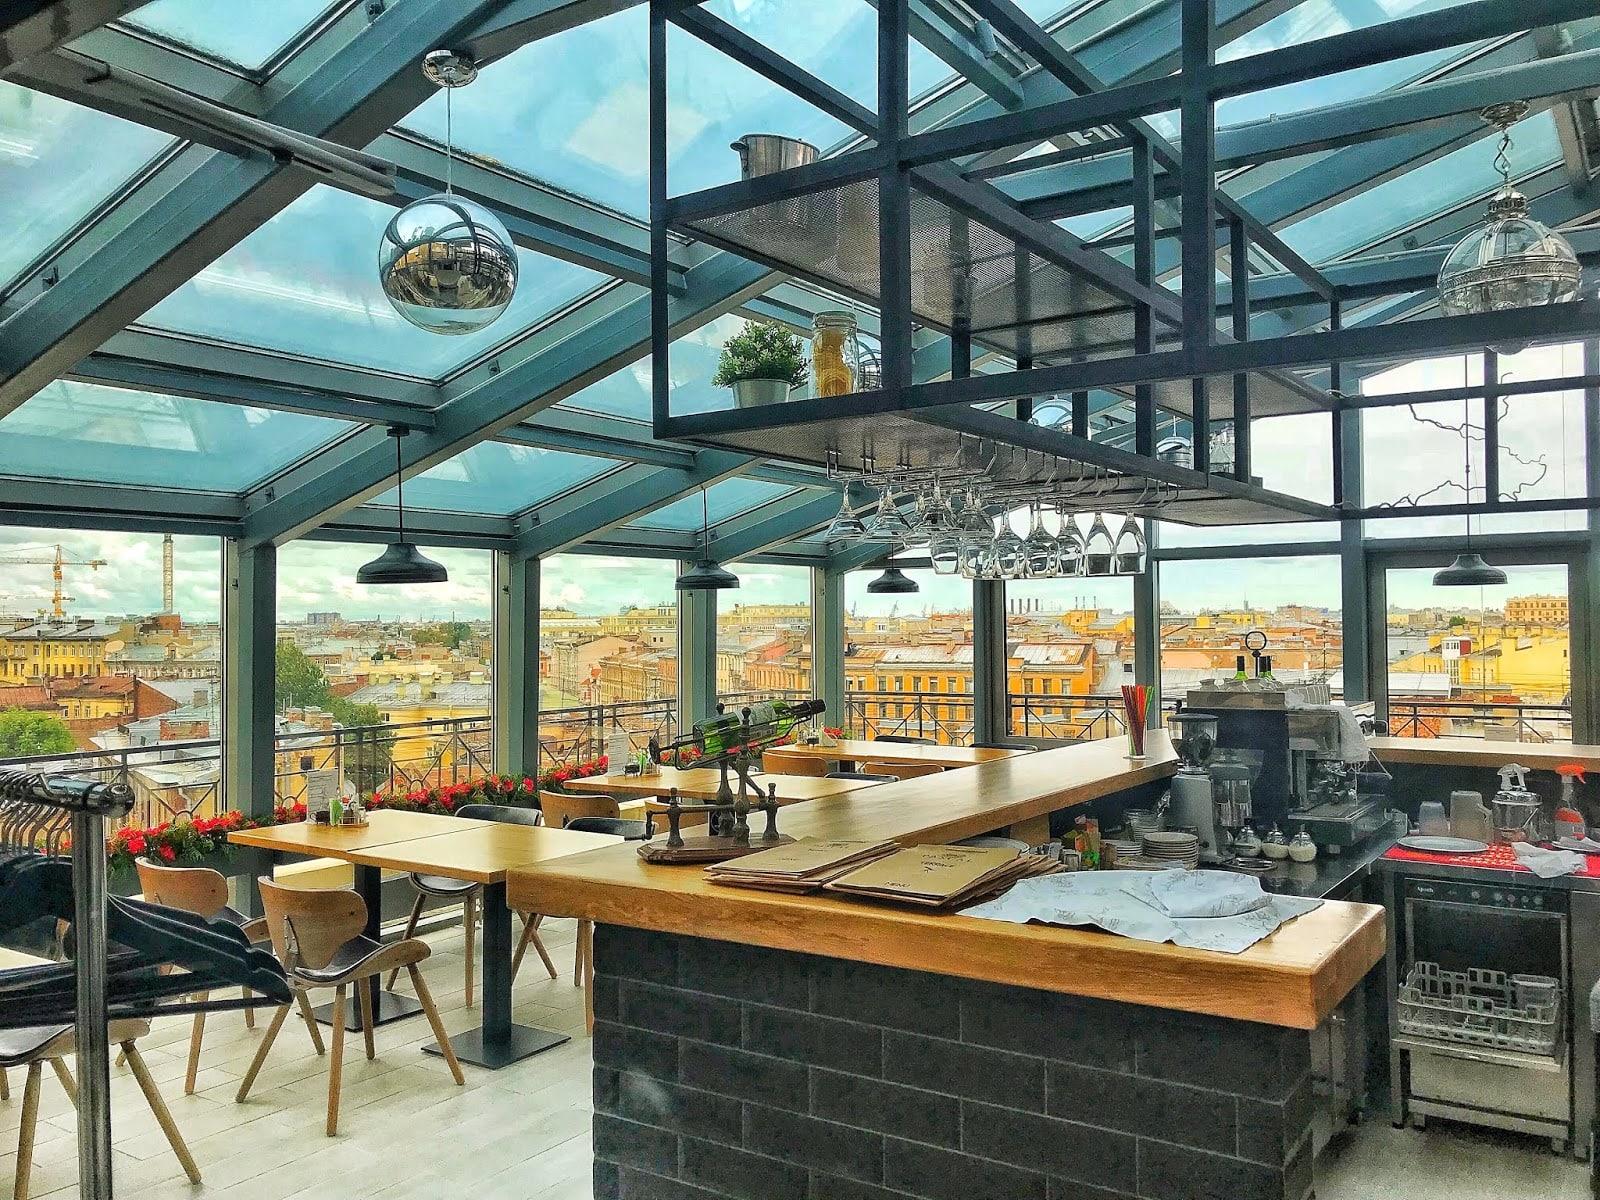 best hotels in st petersburg russia Aglaya Hotel & Courtyard